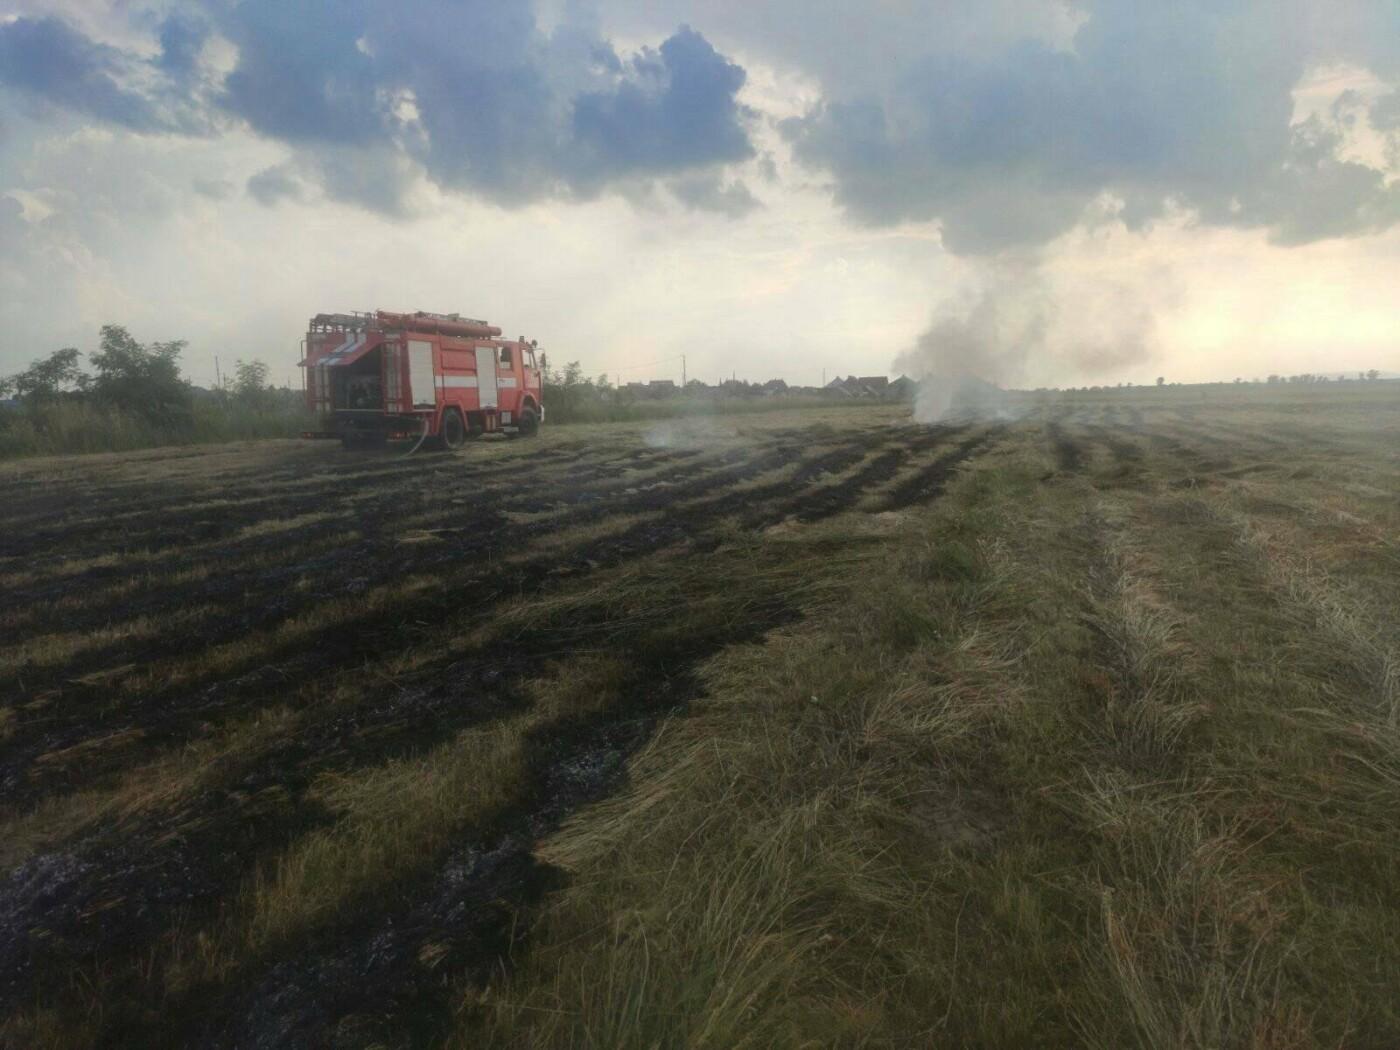 На Закарпатті внаслідок пожежі знищено сіно на площі 1 Га (ФОТО), фото-2